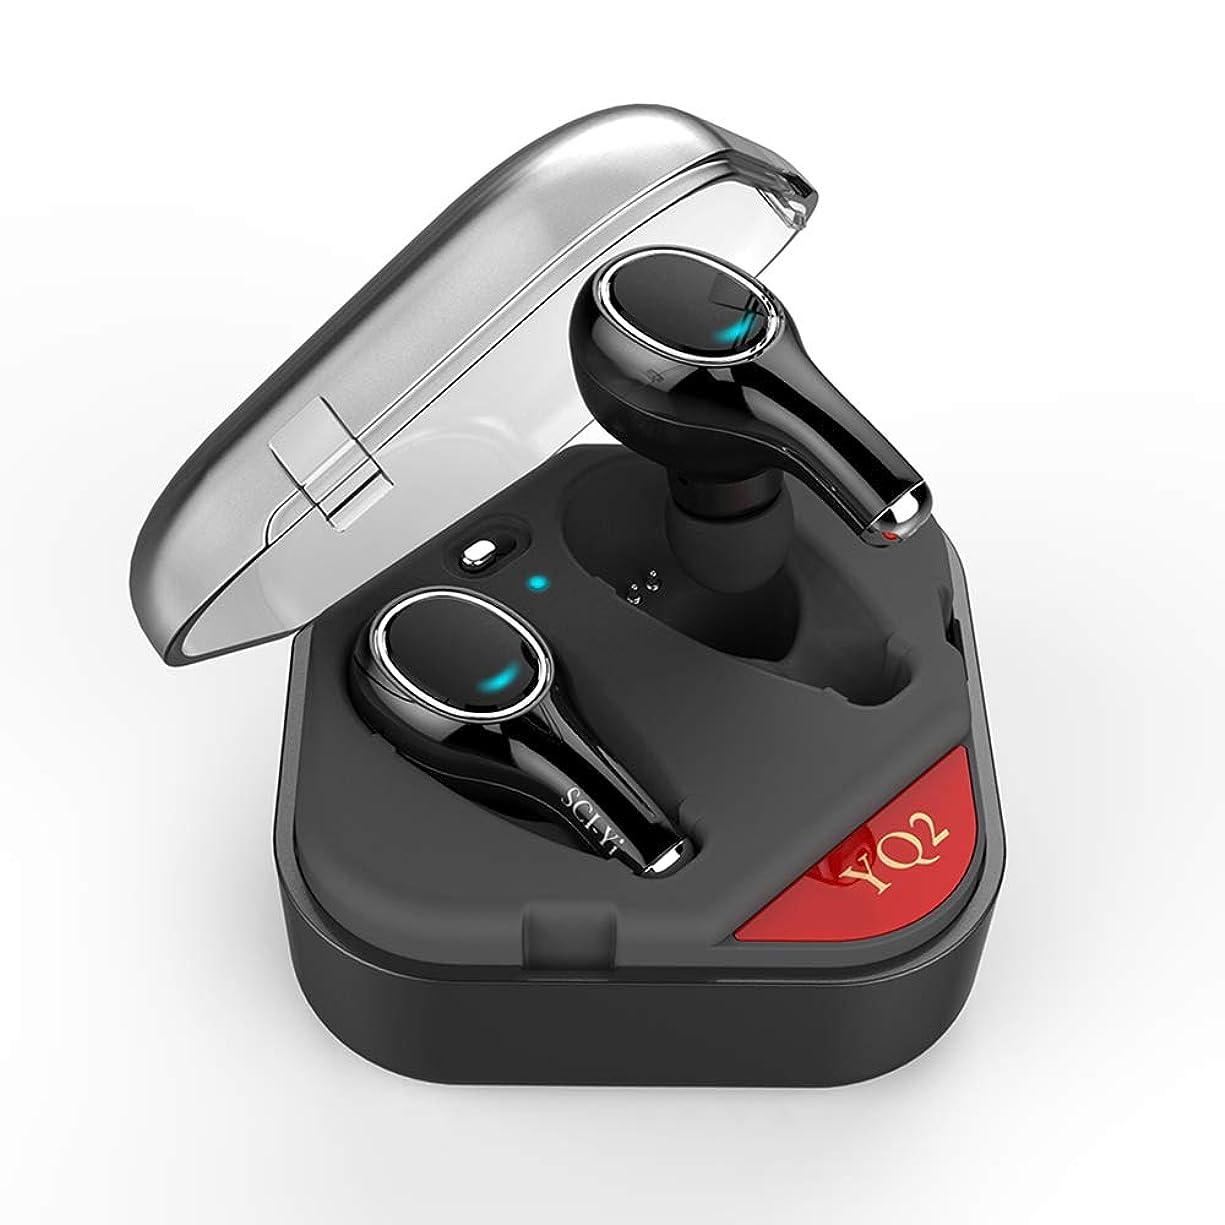 前提小道揮発性Docooler 完全 イヤホン ワイレス TWS BT4.2対応 マイク内蔵 高音質 音楽 ハンズフリー 通話機能 ノイズキャンセリング 運転/スポーツなど用 充電ケース付き ブラック